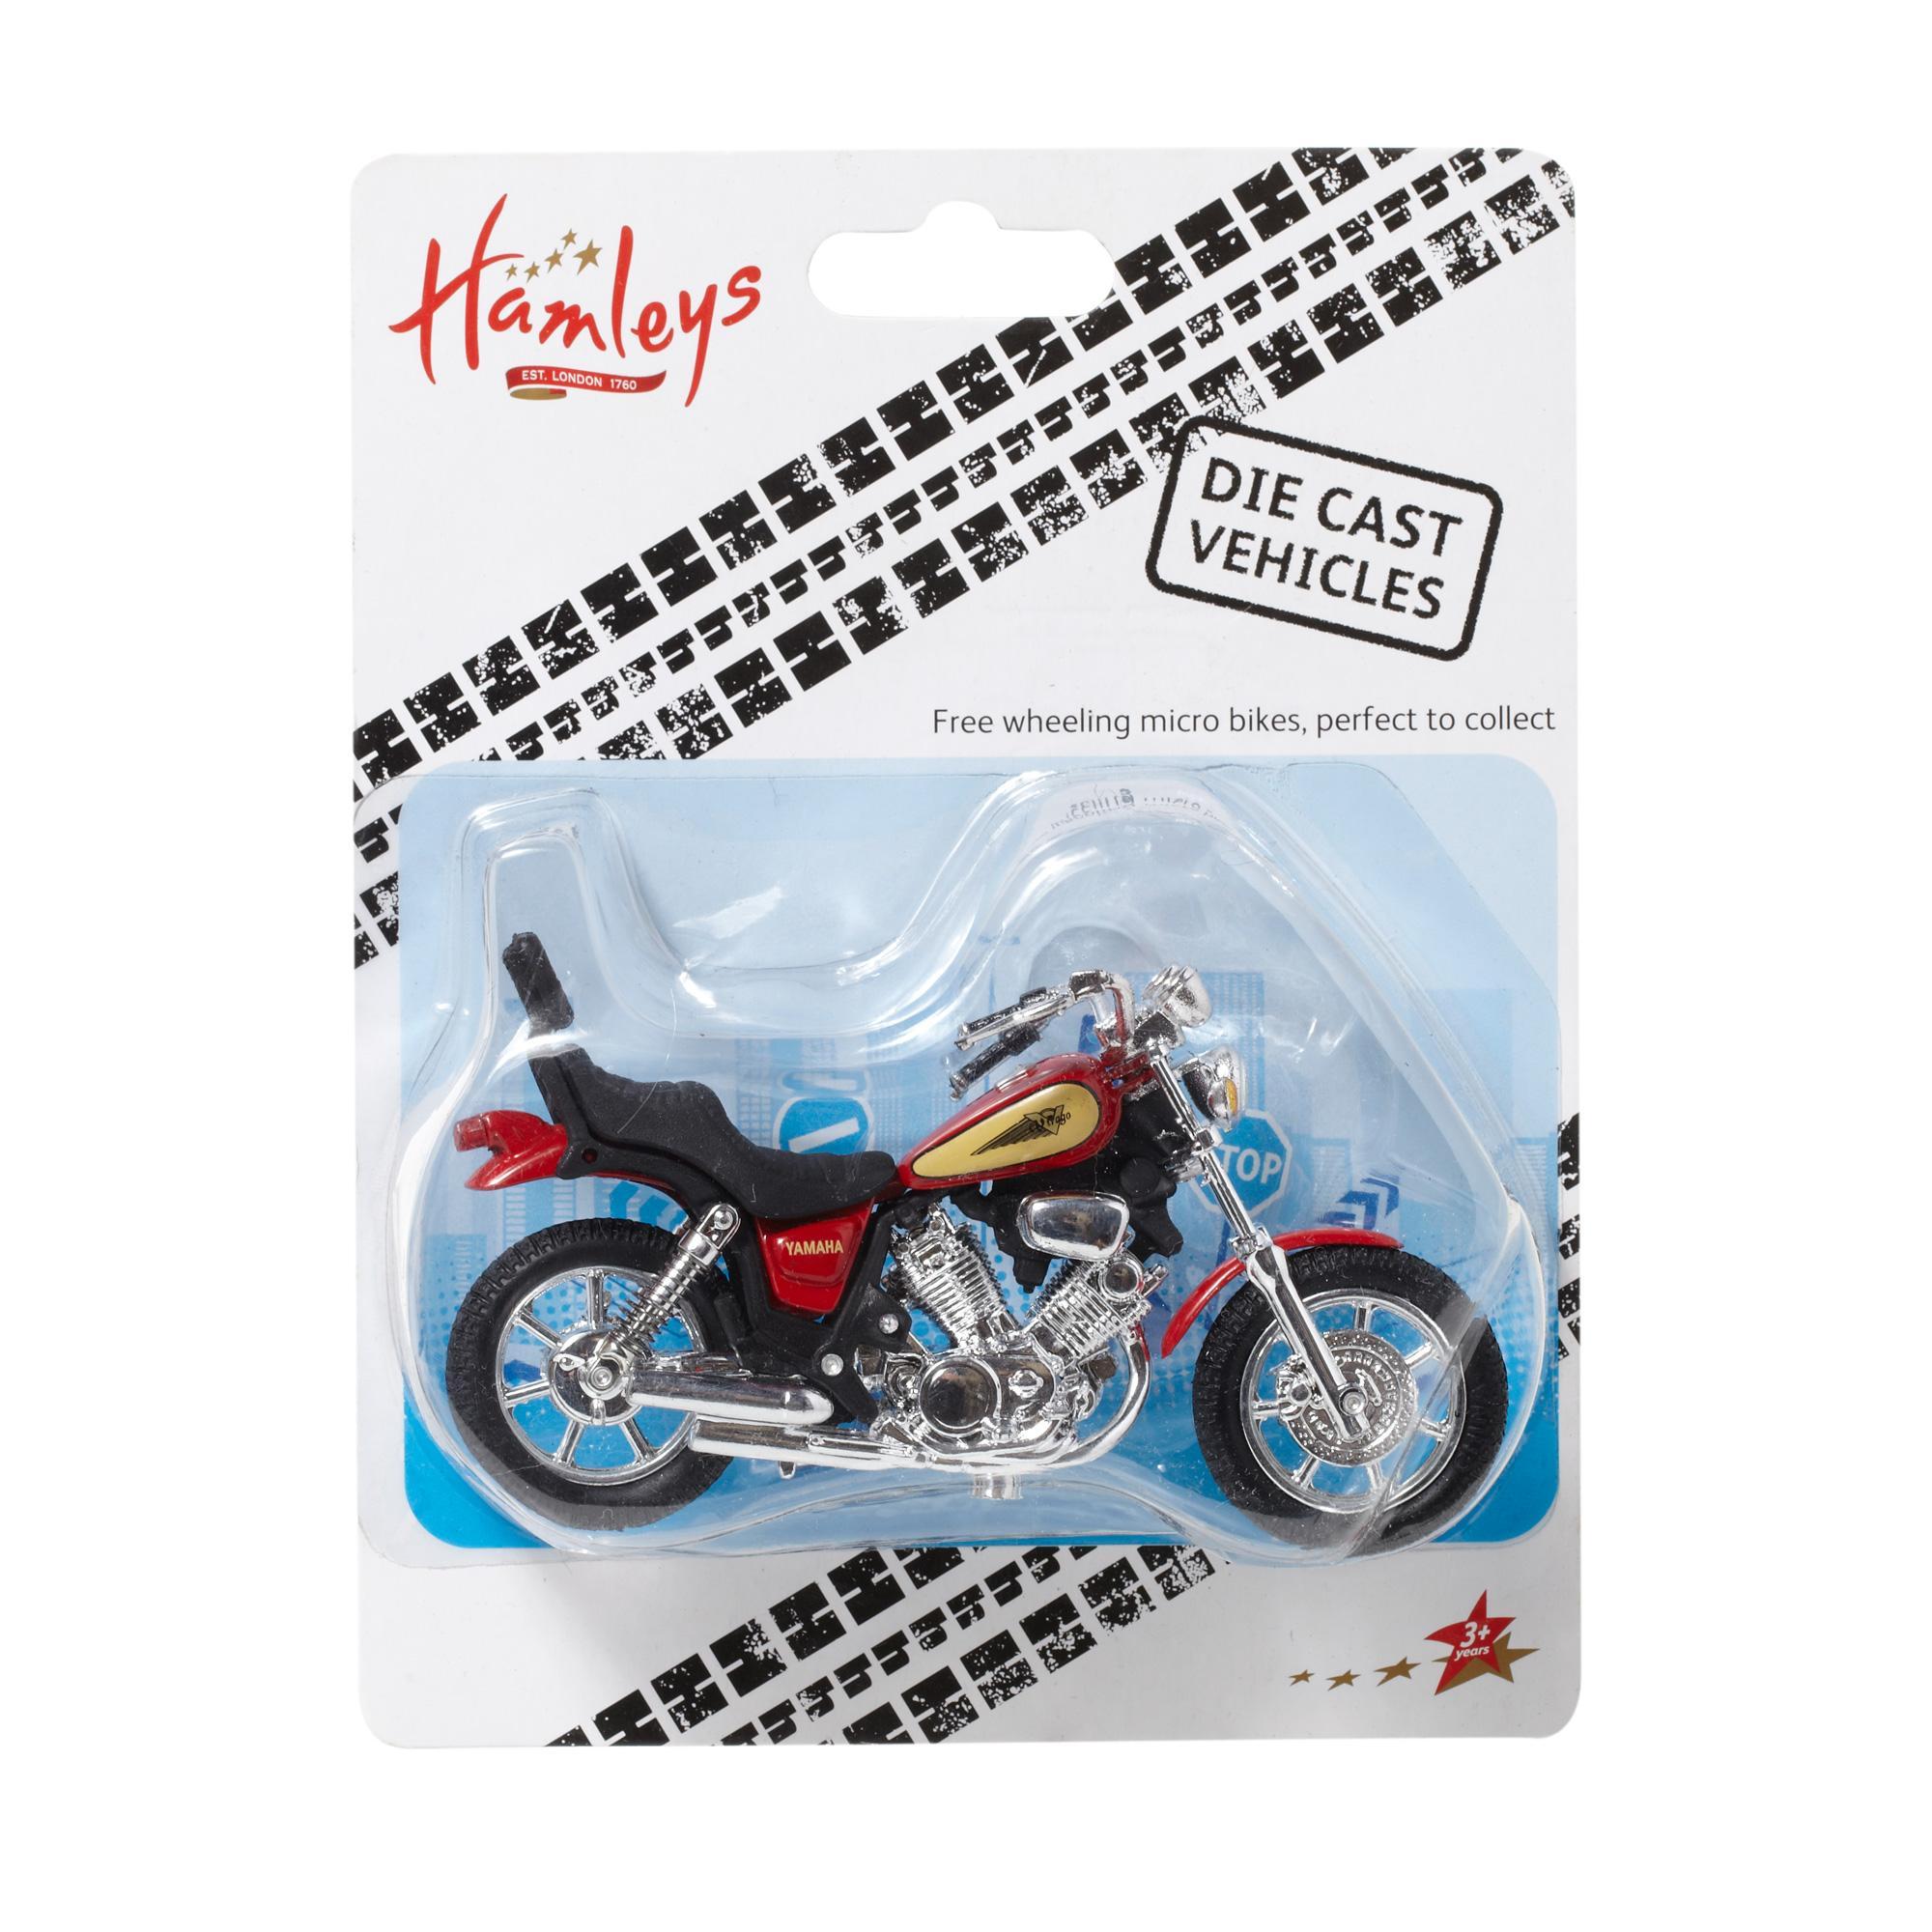 HM Игрушка МотоциклHM игрушка Мотоцикл подойдет мальчику, она поможет отлично провести время в одиночестве или с друзьями. Такая игрушка - это не просто развлечение, она также оказывает значительное влияние на развитие малыша. В процессе игры развивается мелкая моторика, тренируются логика и память, формируется творческое мышление. Приобрести товар можно на сайте или в магазине Hamleys. Там вы найдете самые качественные товары по низким ценам. Клиенты, которые уже купили такую игрушку, оставляют только хорошие отзывы о ней. Условия доставки в Москве, Санкт-Петербурге и Краснодаре очень удобны - курьер привезет заказанную покупку по вашему адресу. Оплатить ее можно наличными или картой. А во всех других регионах России товары из магазина Hamleys можно оплатить наложенным платежом.<br>